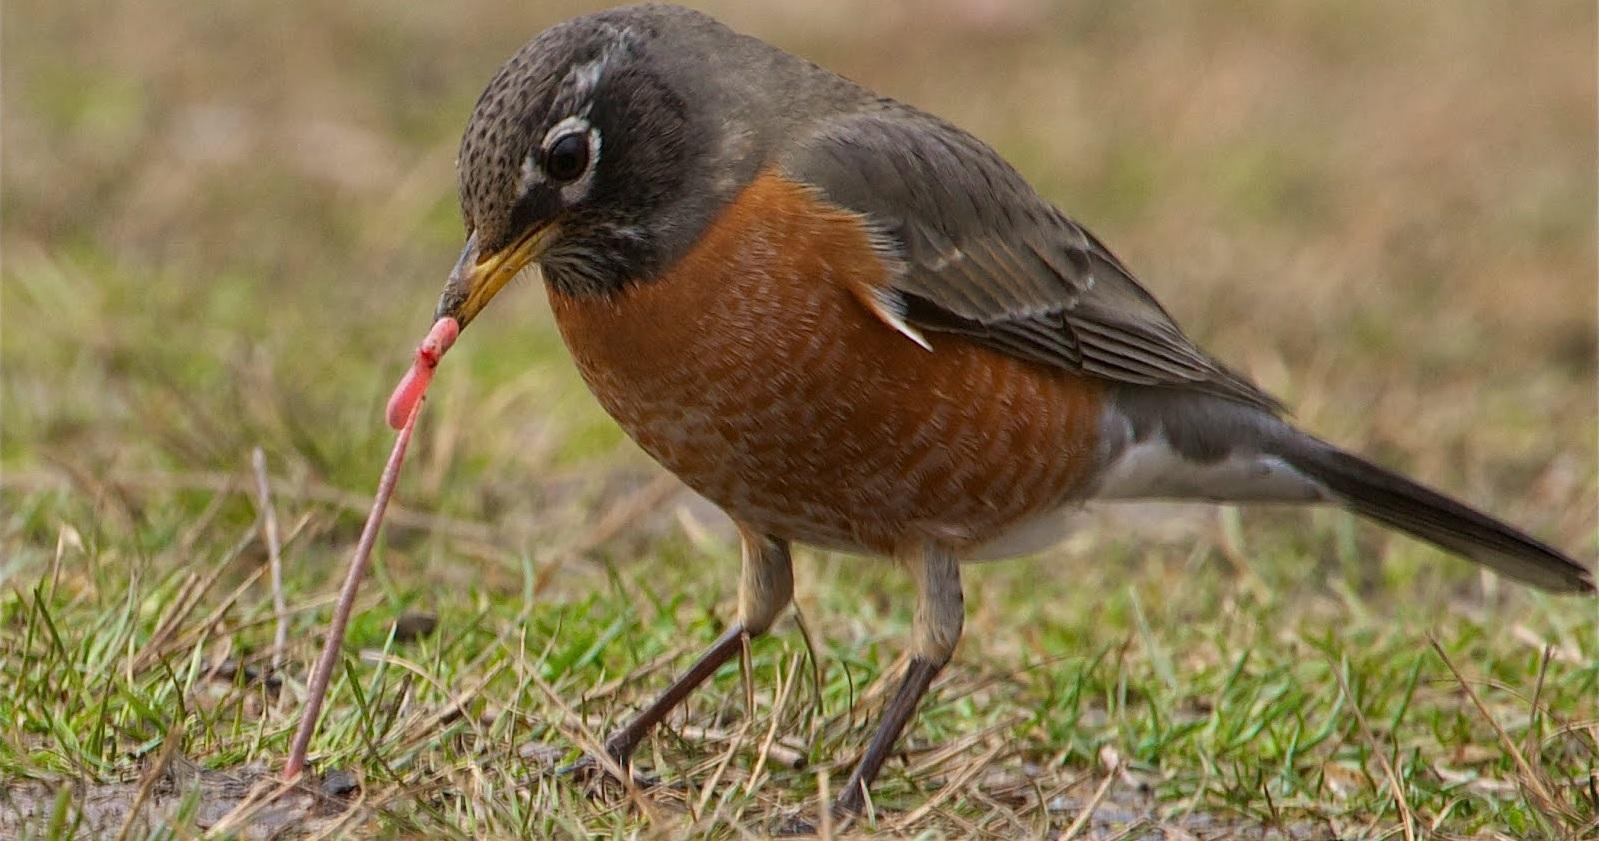 Manfaat Dan Jenis Cacing Yang Bagus Untuk Pakan Burung